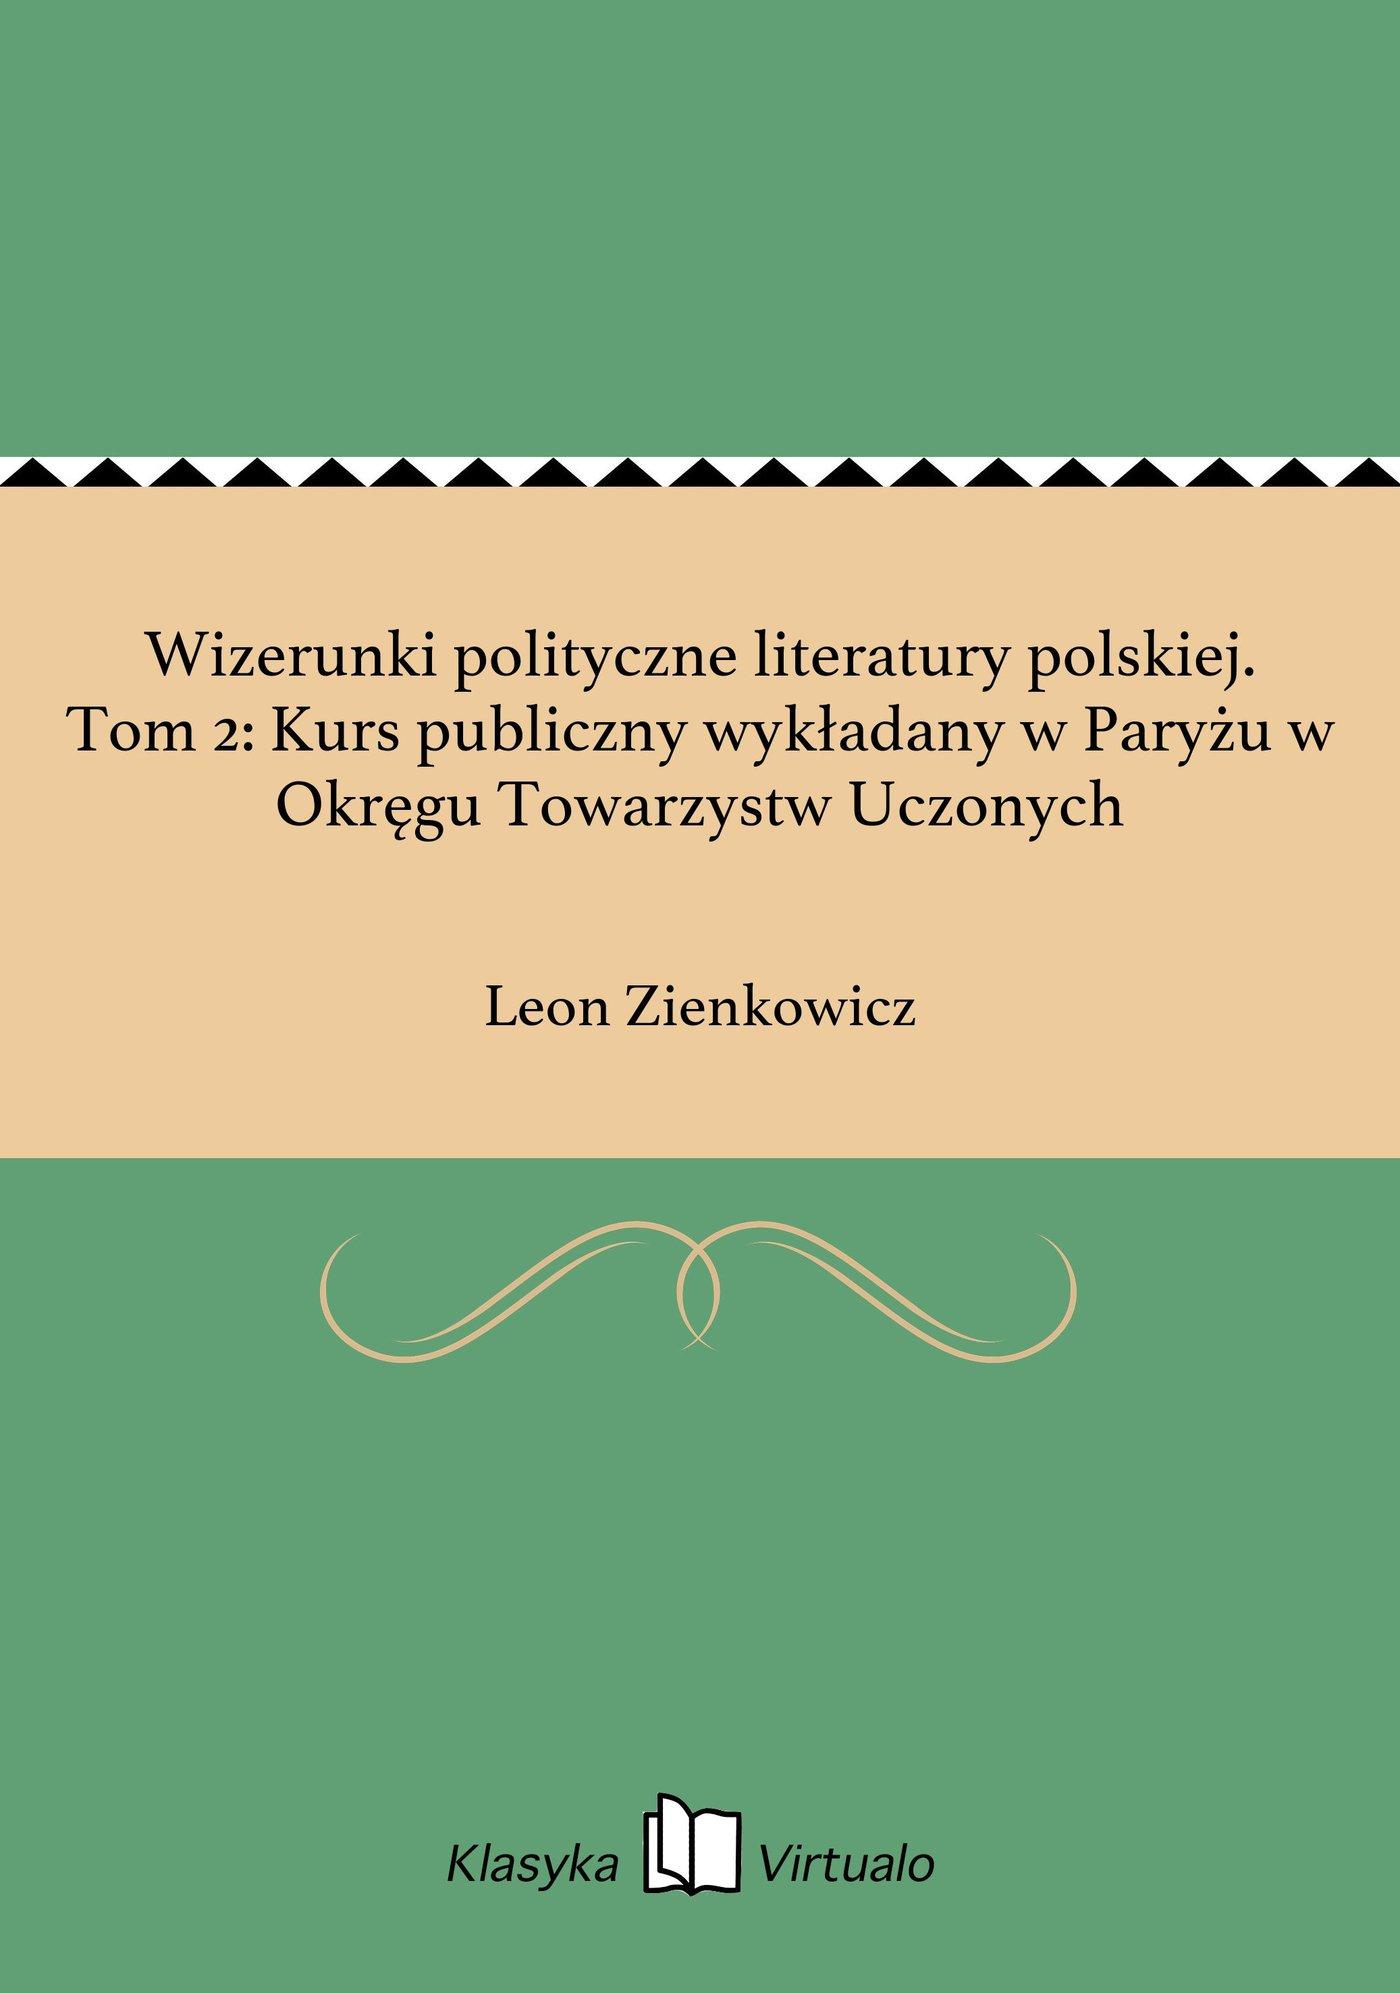 Wizerunki polityczne literatury polskiej. Tom 2: Kurs publiczny wykładany w Paryżu w Okręgu Towarzystw Uczonych - Ebook (Książka EPUB) do pobrania w formacie EPUB